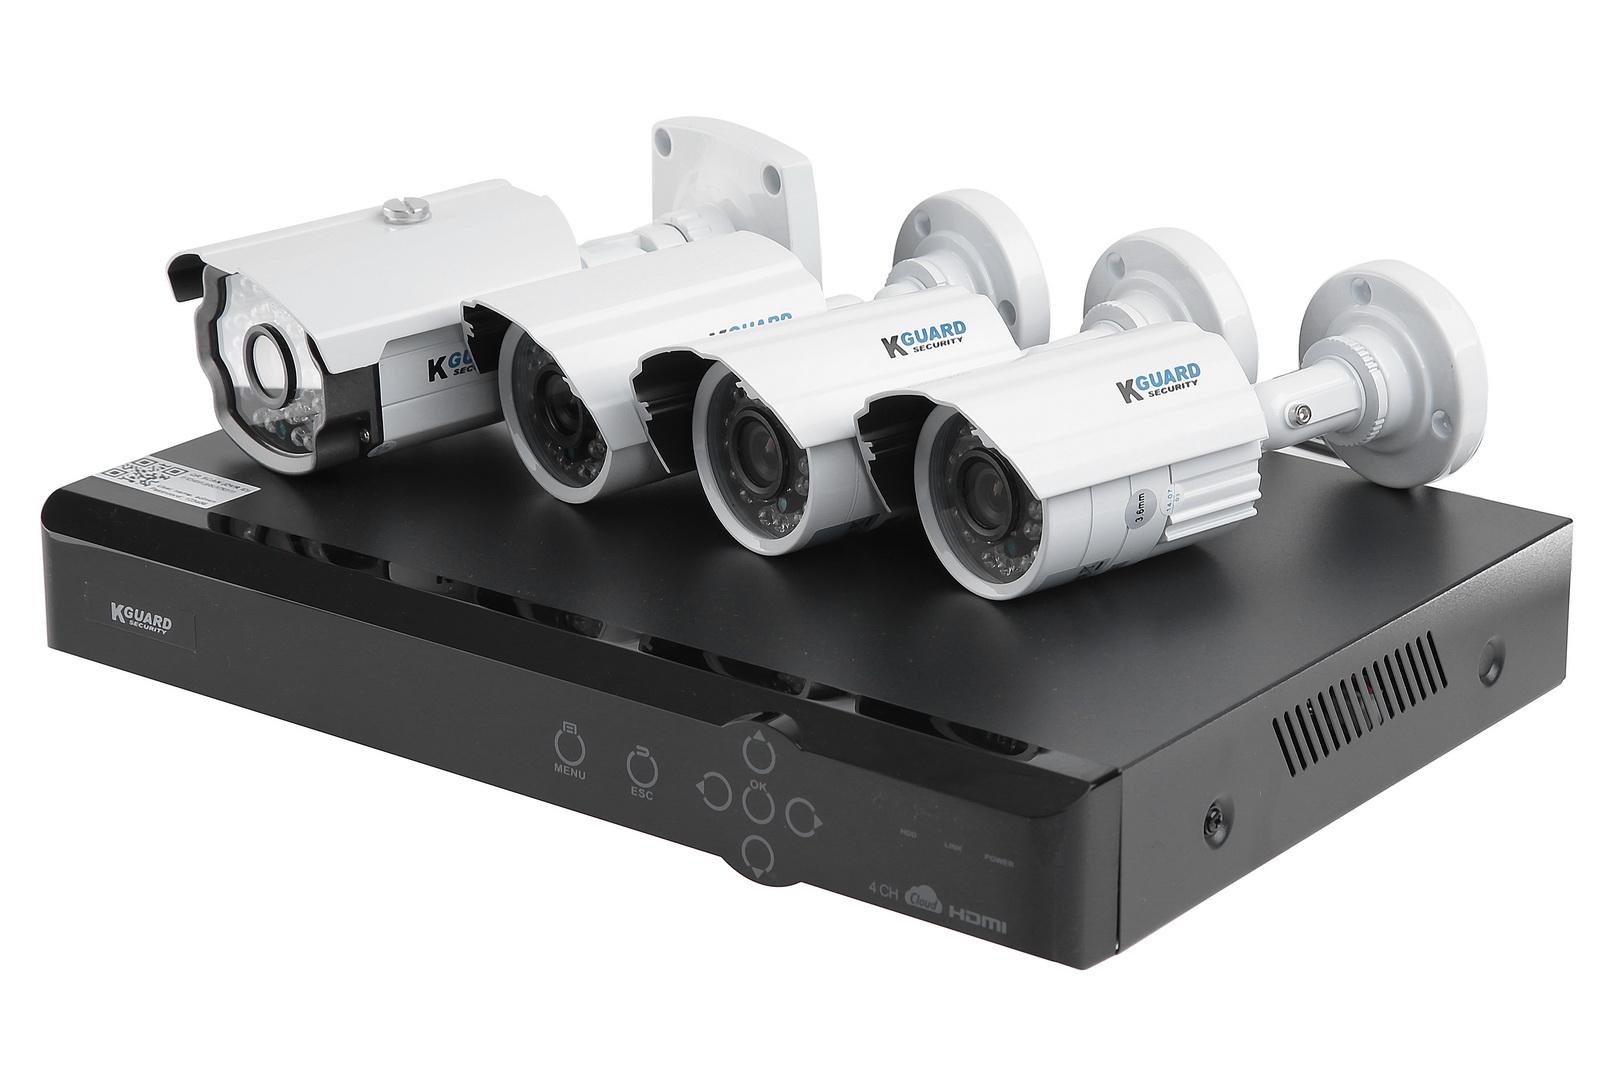 Комплект видеонаблюдения Kguard Aurora ar421-ckt001